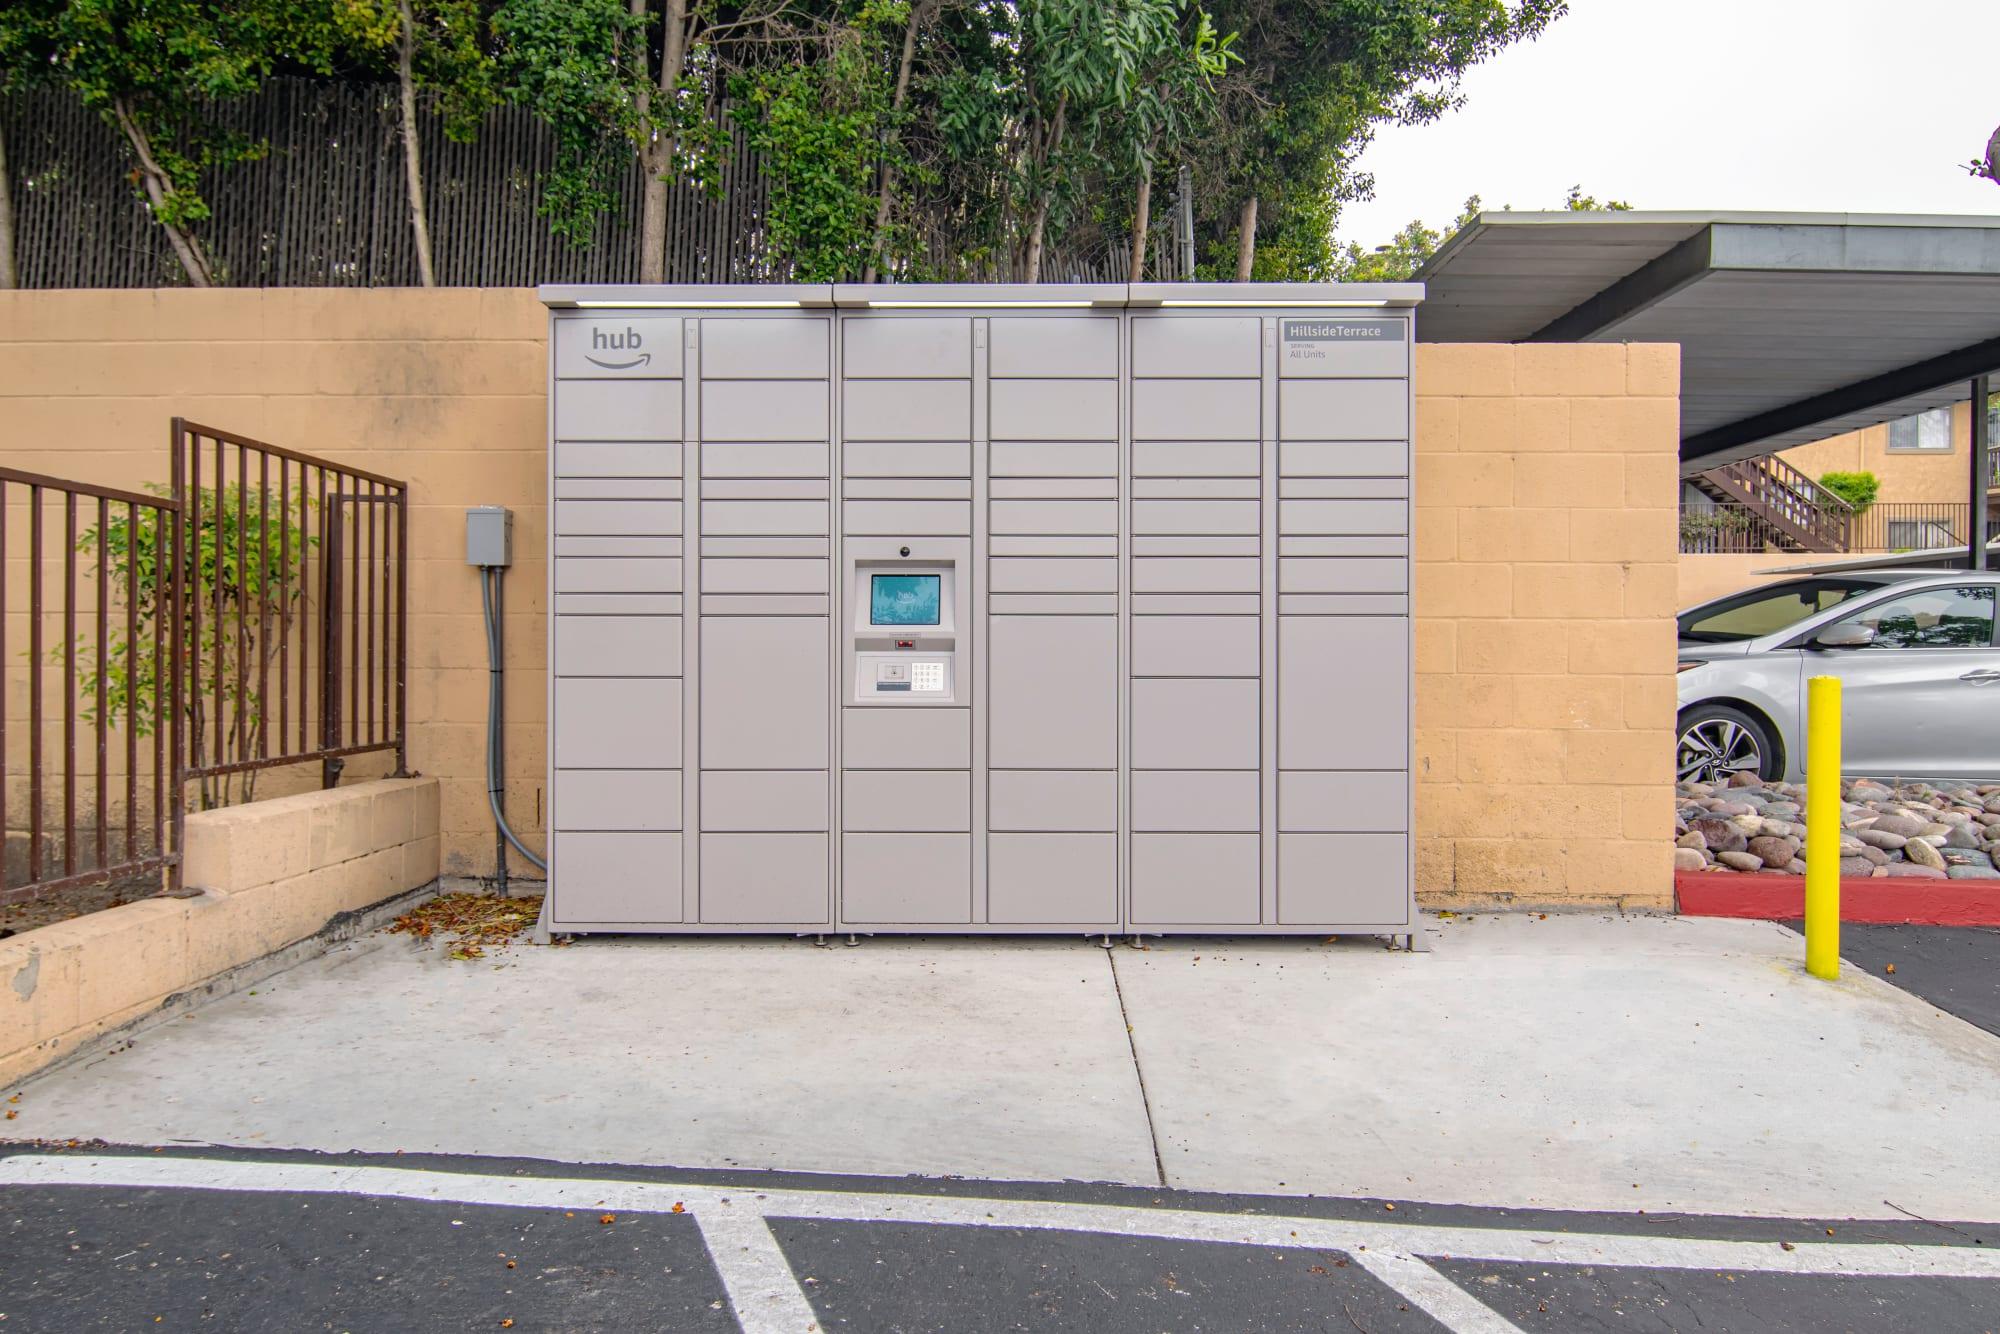 24-hour Package Lockers